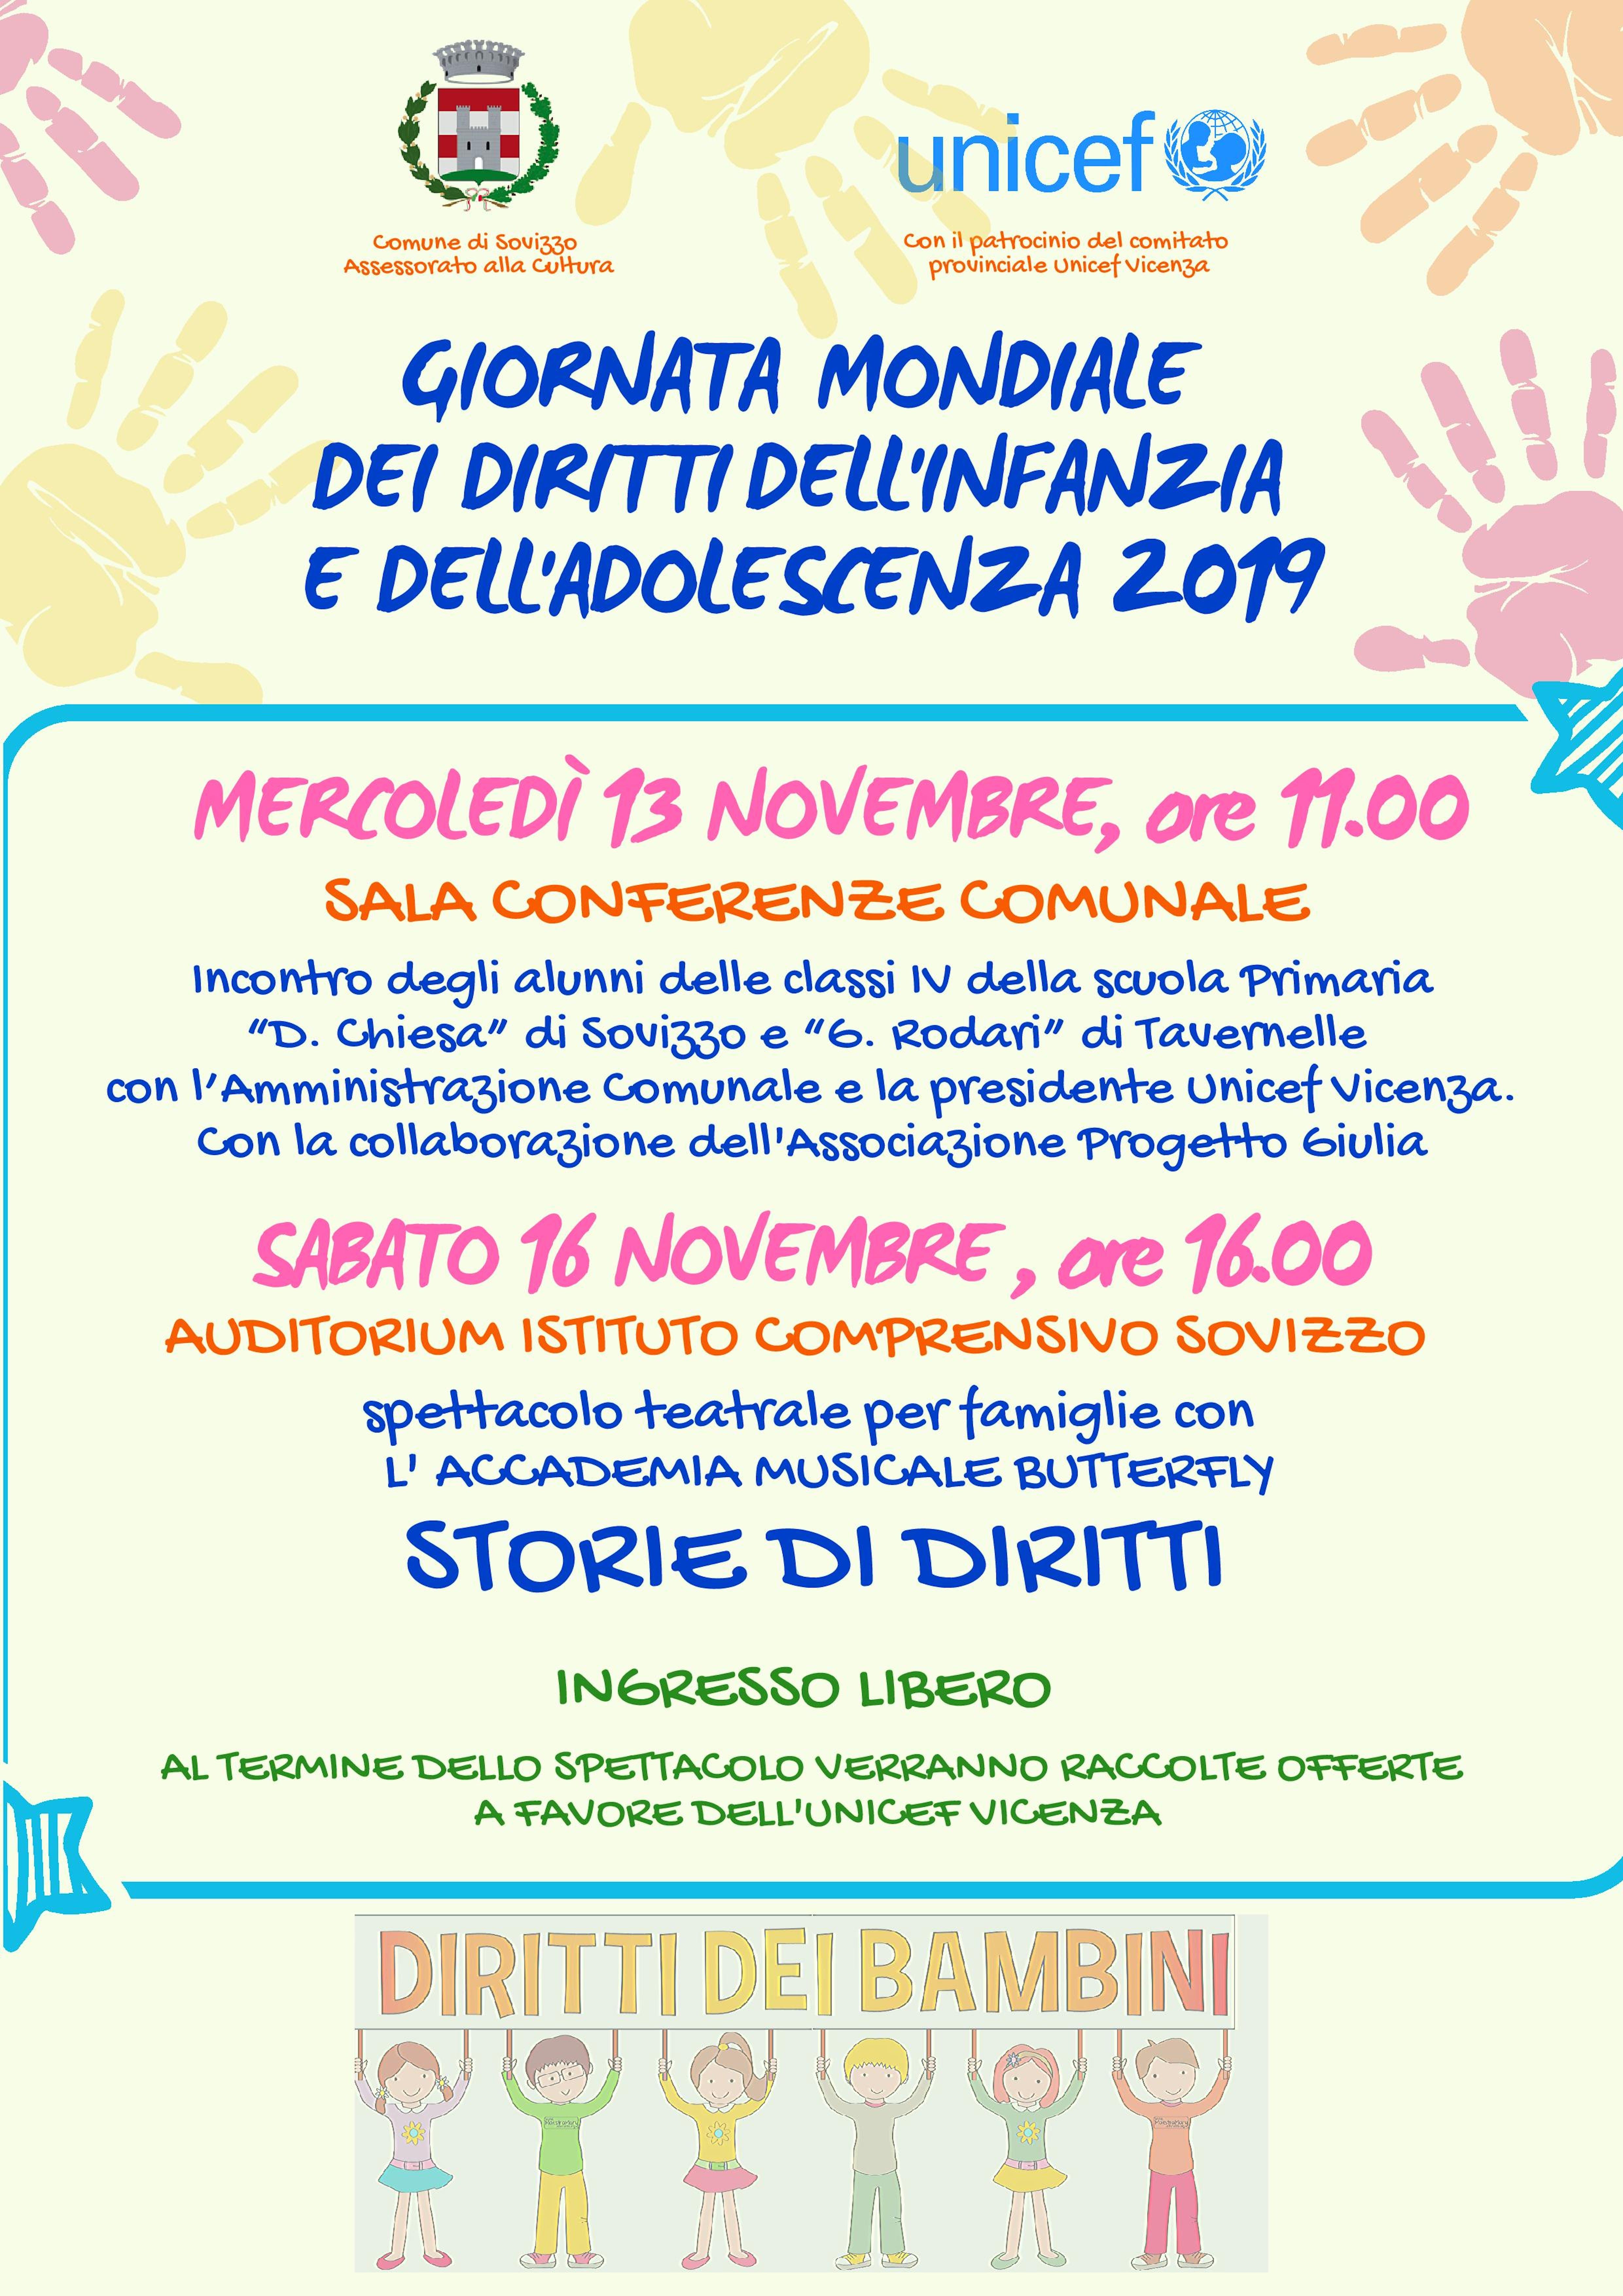 Consiglio comunale con i ragazzi a Sovizzo per la Giornata mondiale dell'infanzia e dell'adolescenza